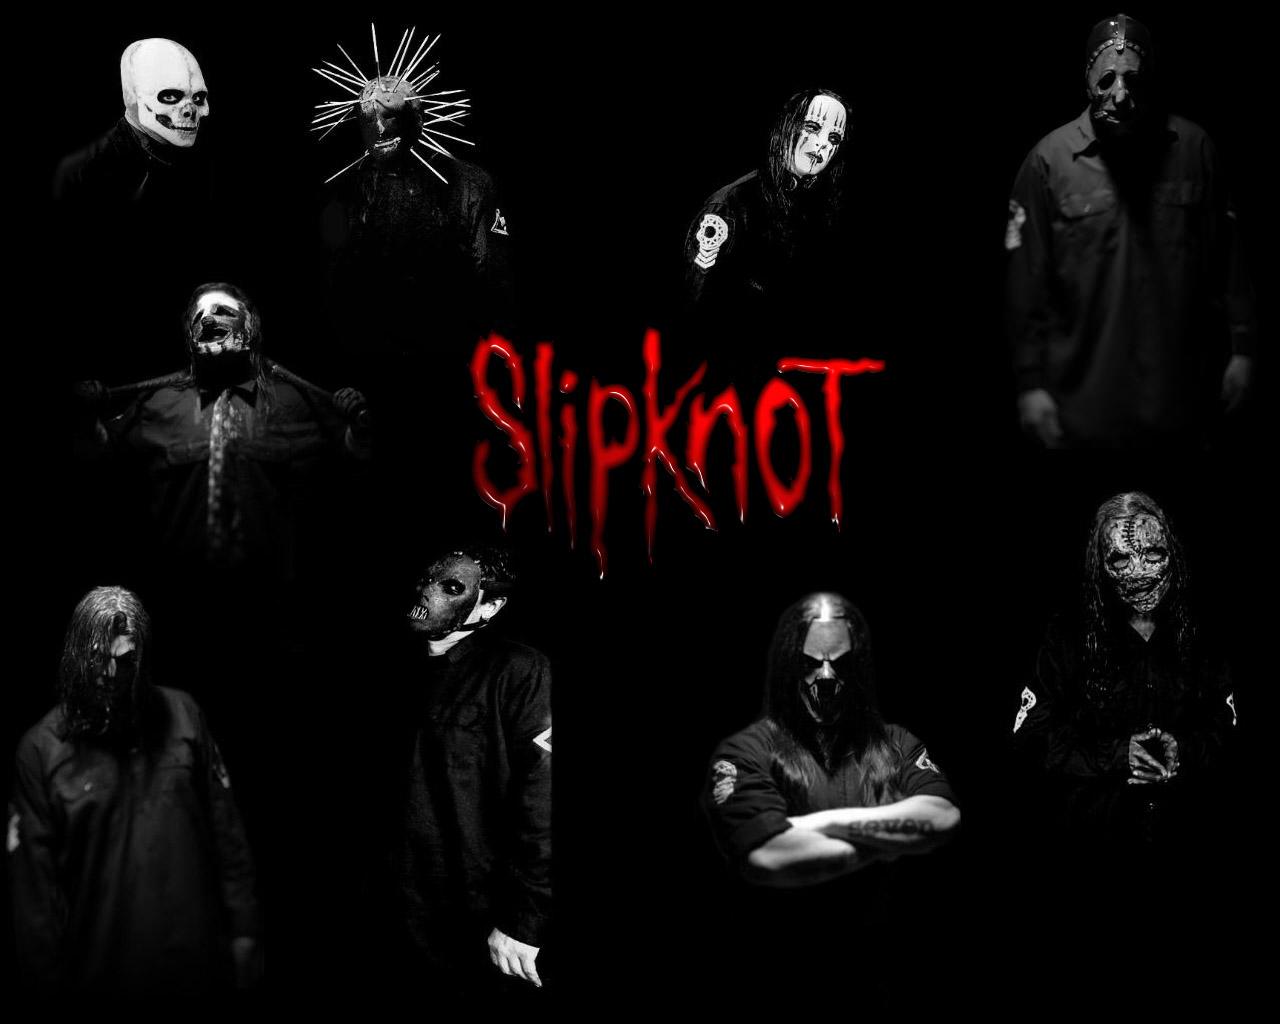 обои группы slipknot на рабочий стол № 603355 бесплатно